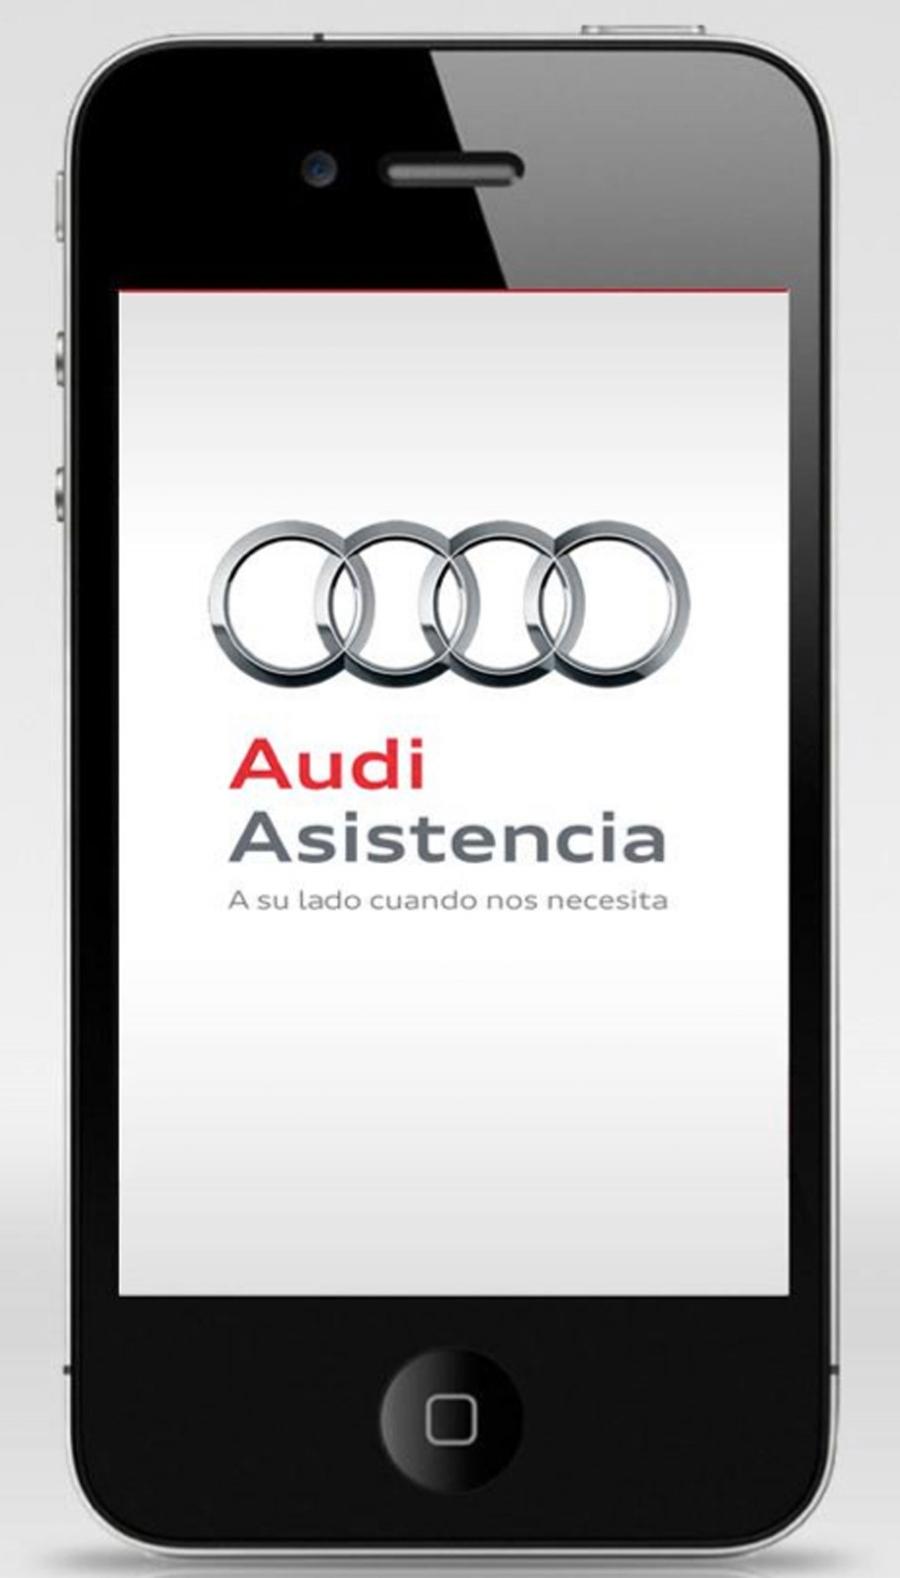 Audi запускает приложение для смартфонов, которое обеспечивает техническую помощь